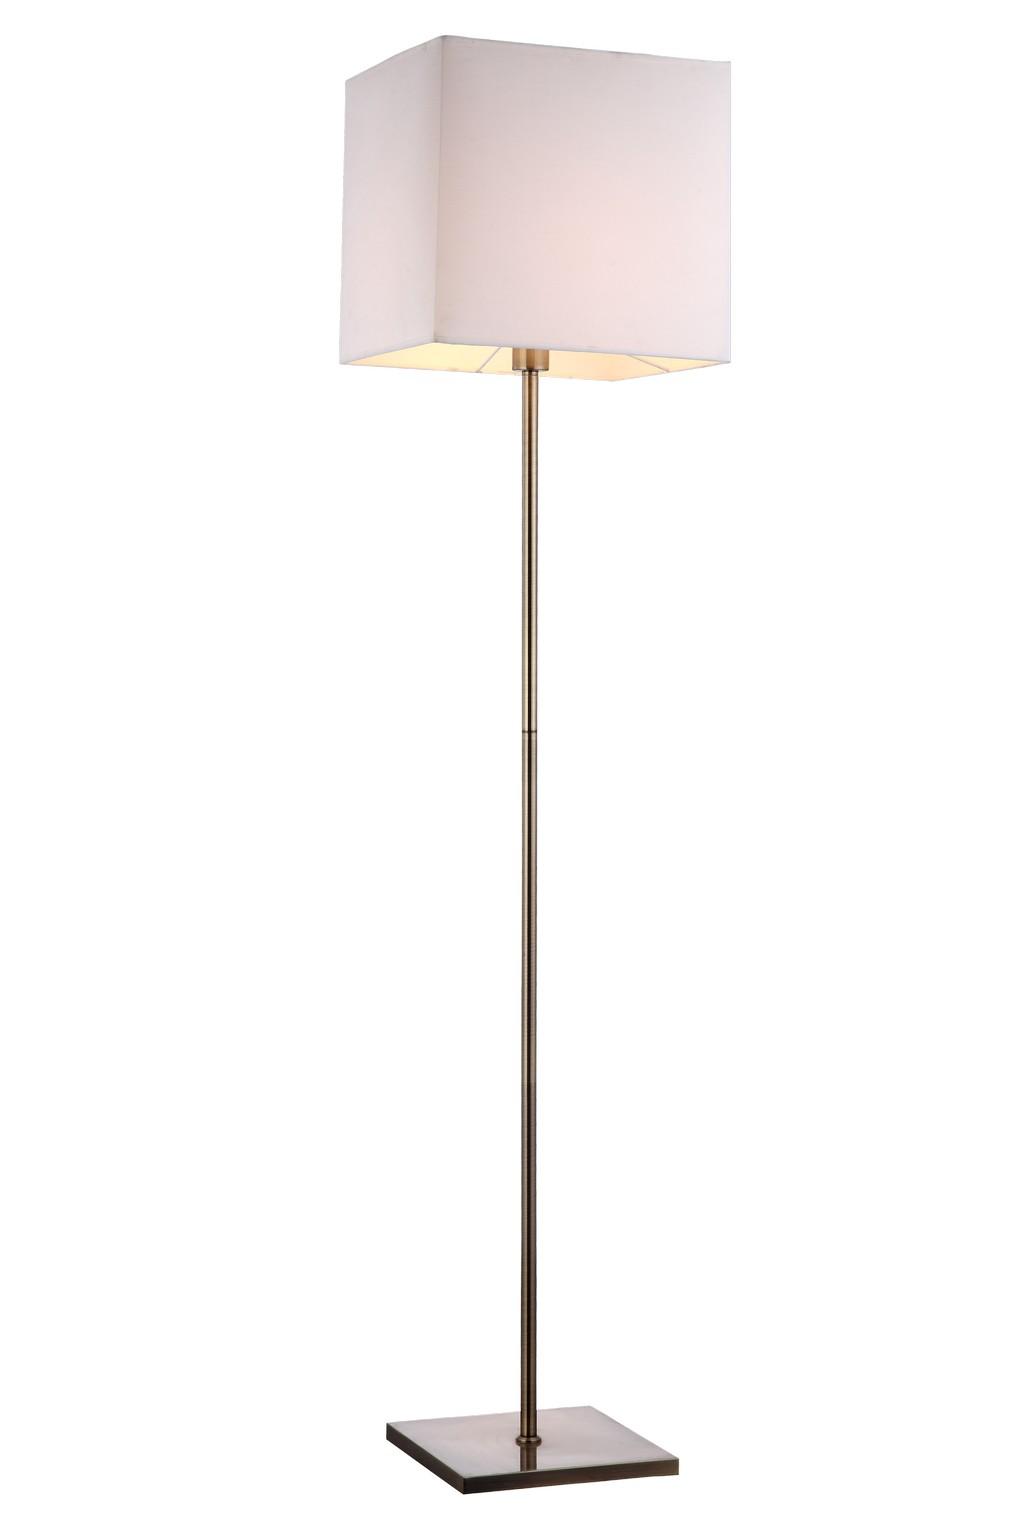 Напольный светильник Arte Lamp, E27, 60 Вт